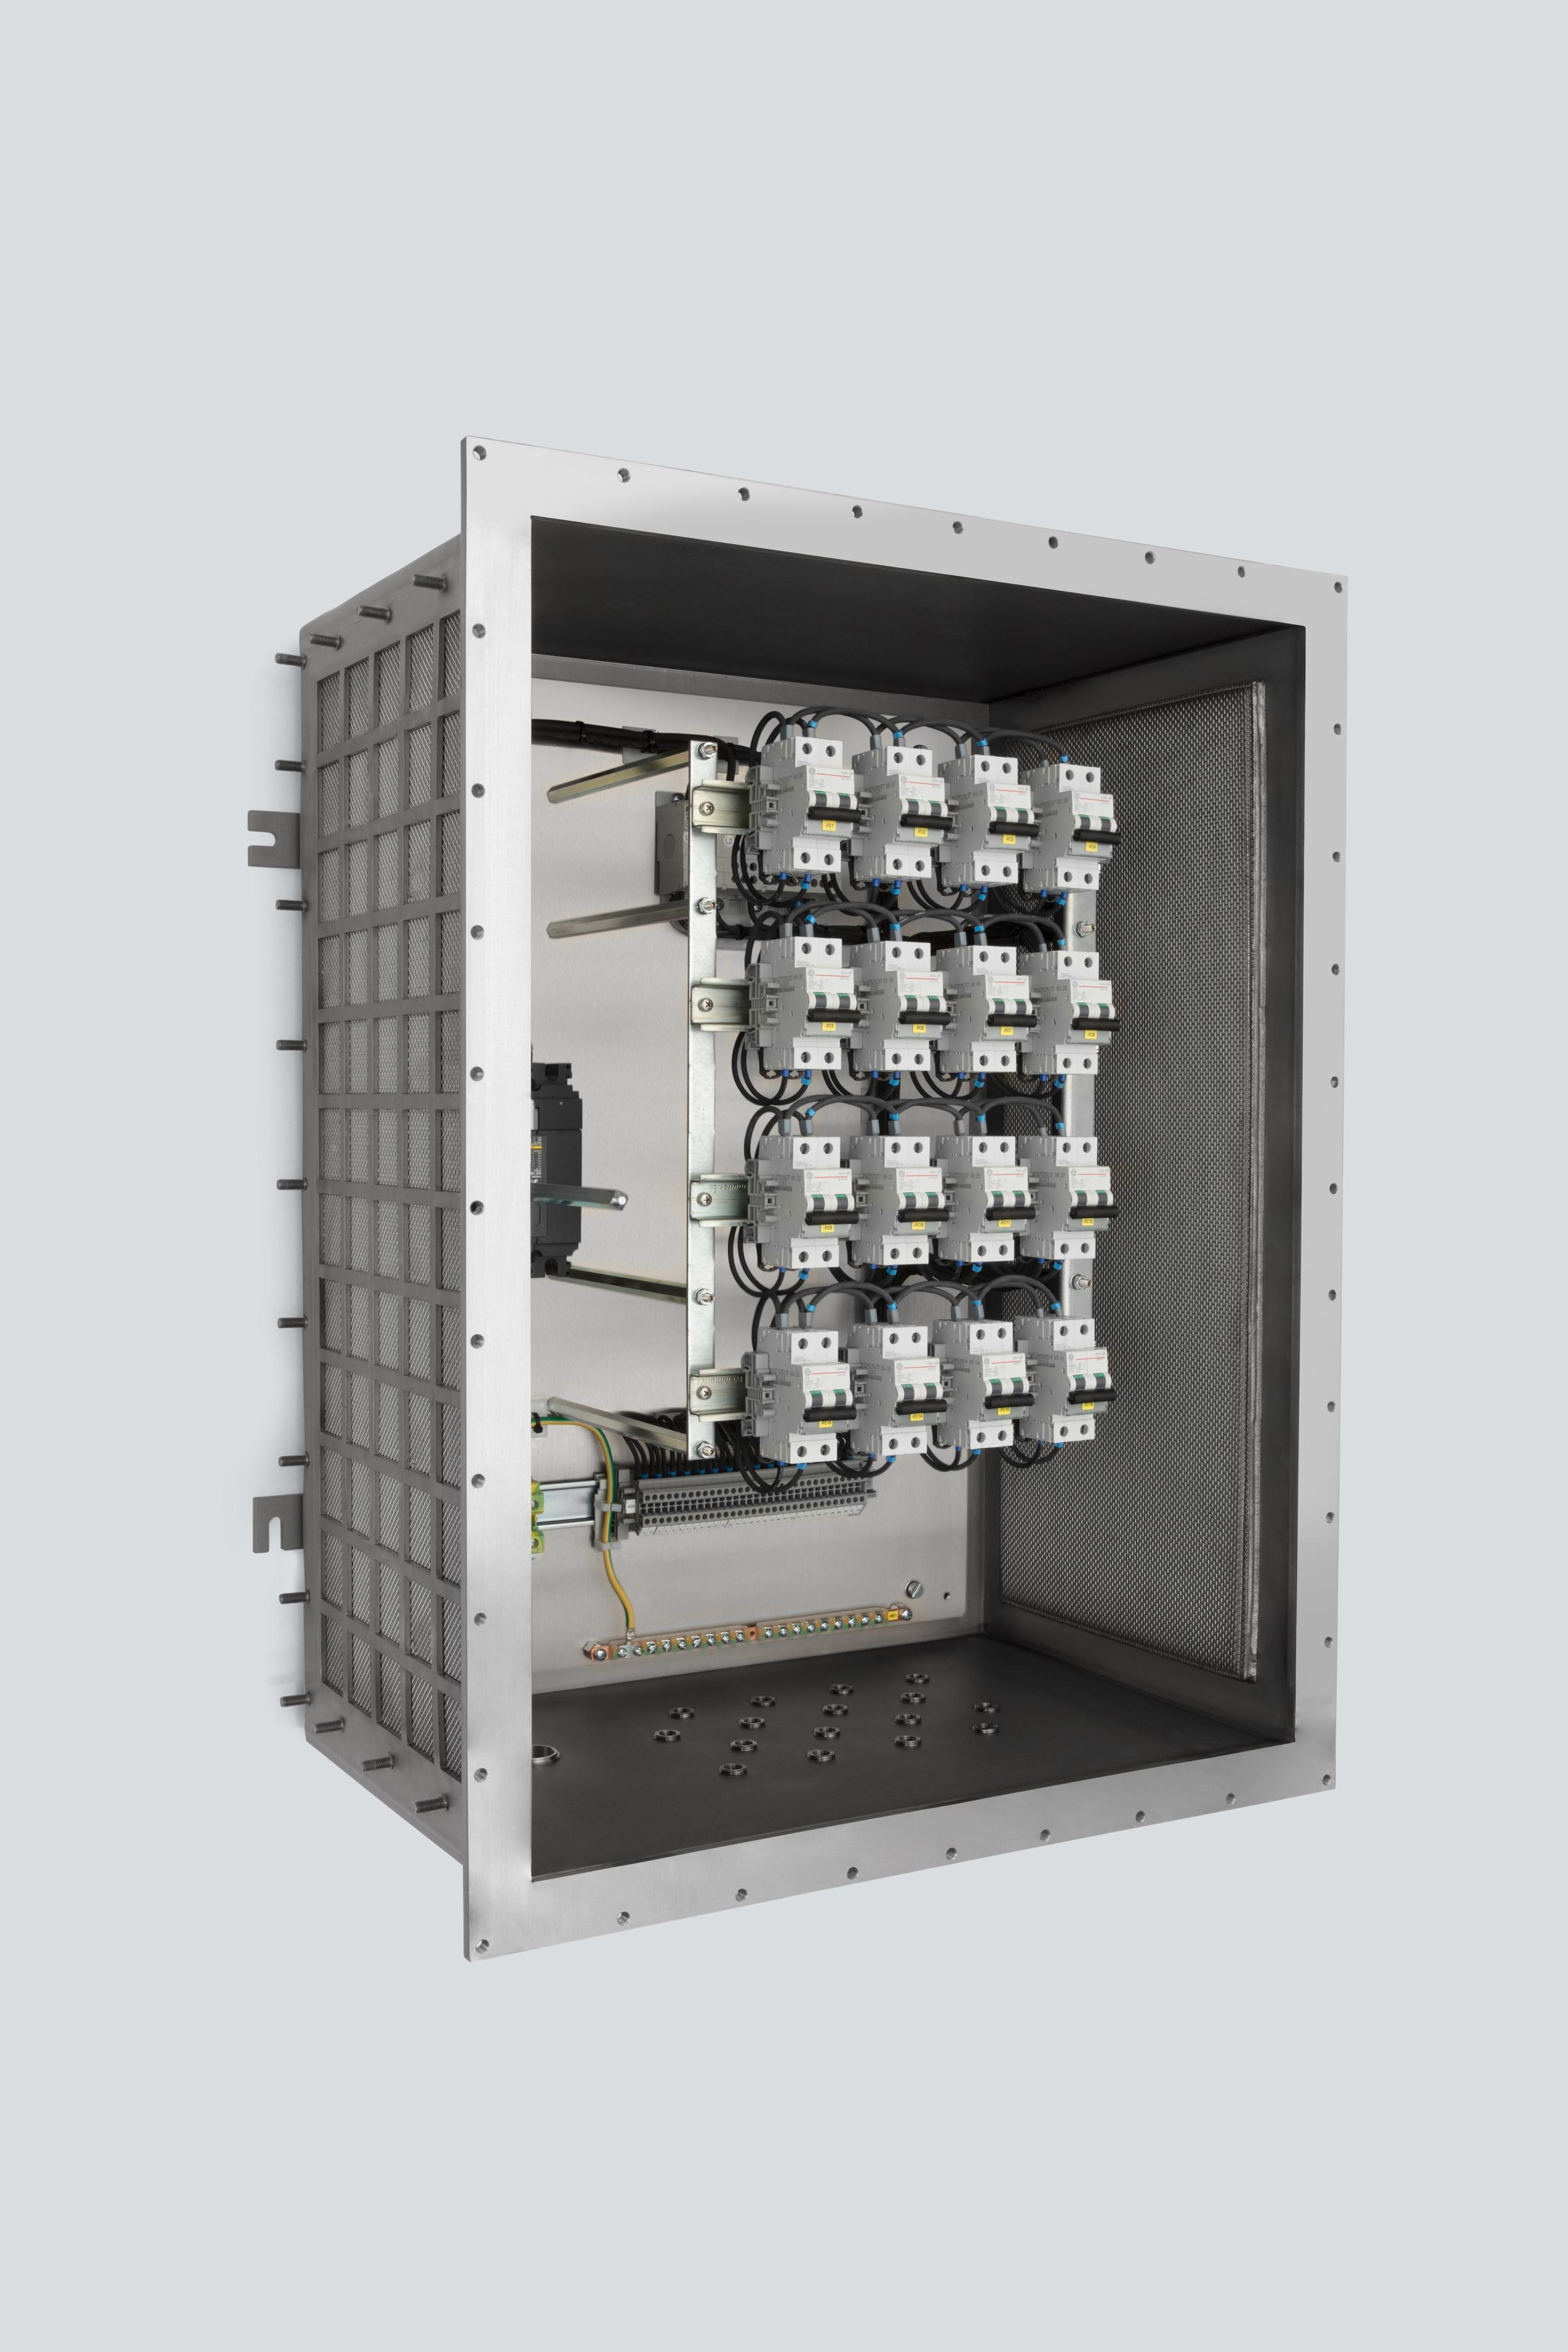 In Schaltschränken mit der innovativen EXpressure-Technologie von R. Stahl sorgen gasdurchlässige, mehrschichtige Metallgewebe in den Seitenwänden (rechts innen zu erkennen) für schnellen und sicheren Abbau auftretender Explosionsenergie.